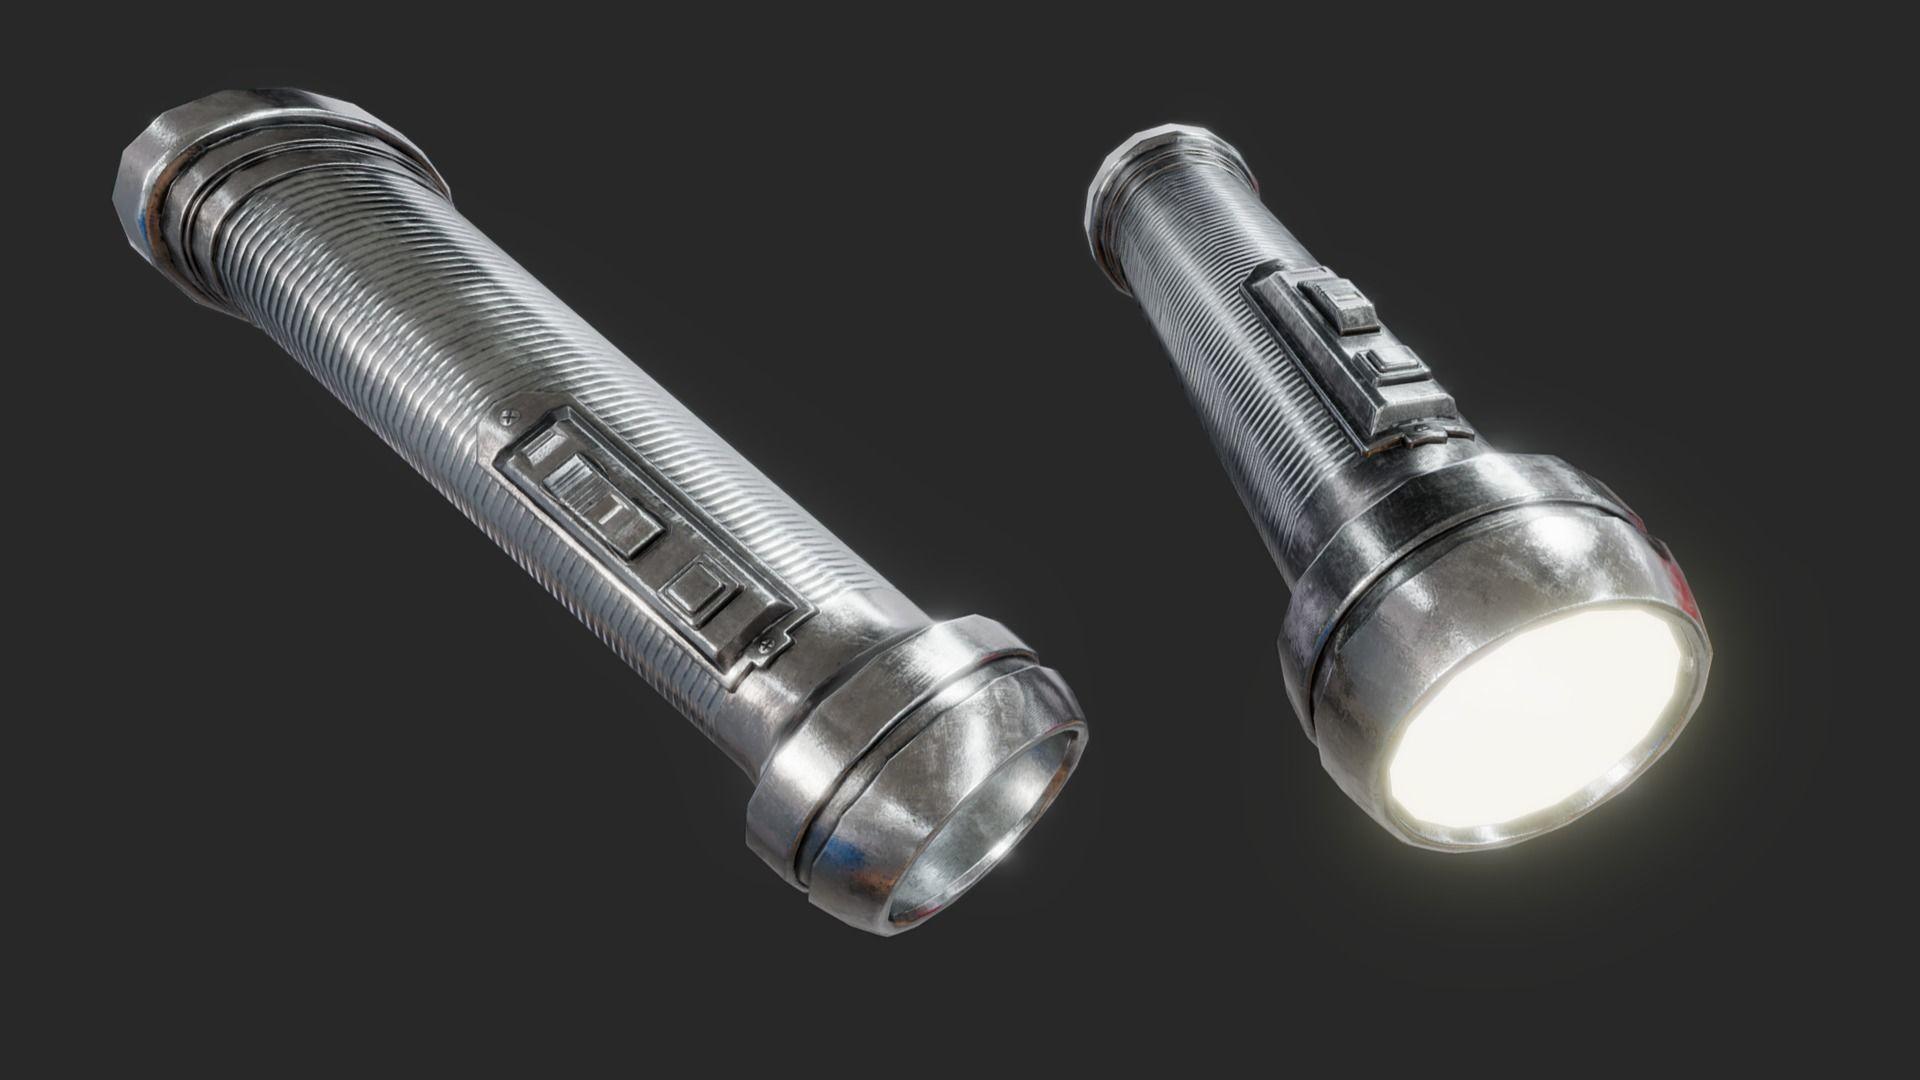 Retro Flashlight PBR